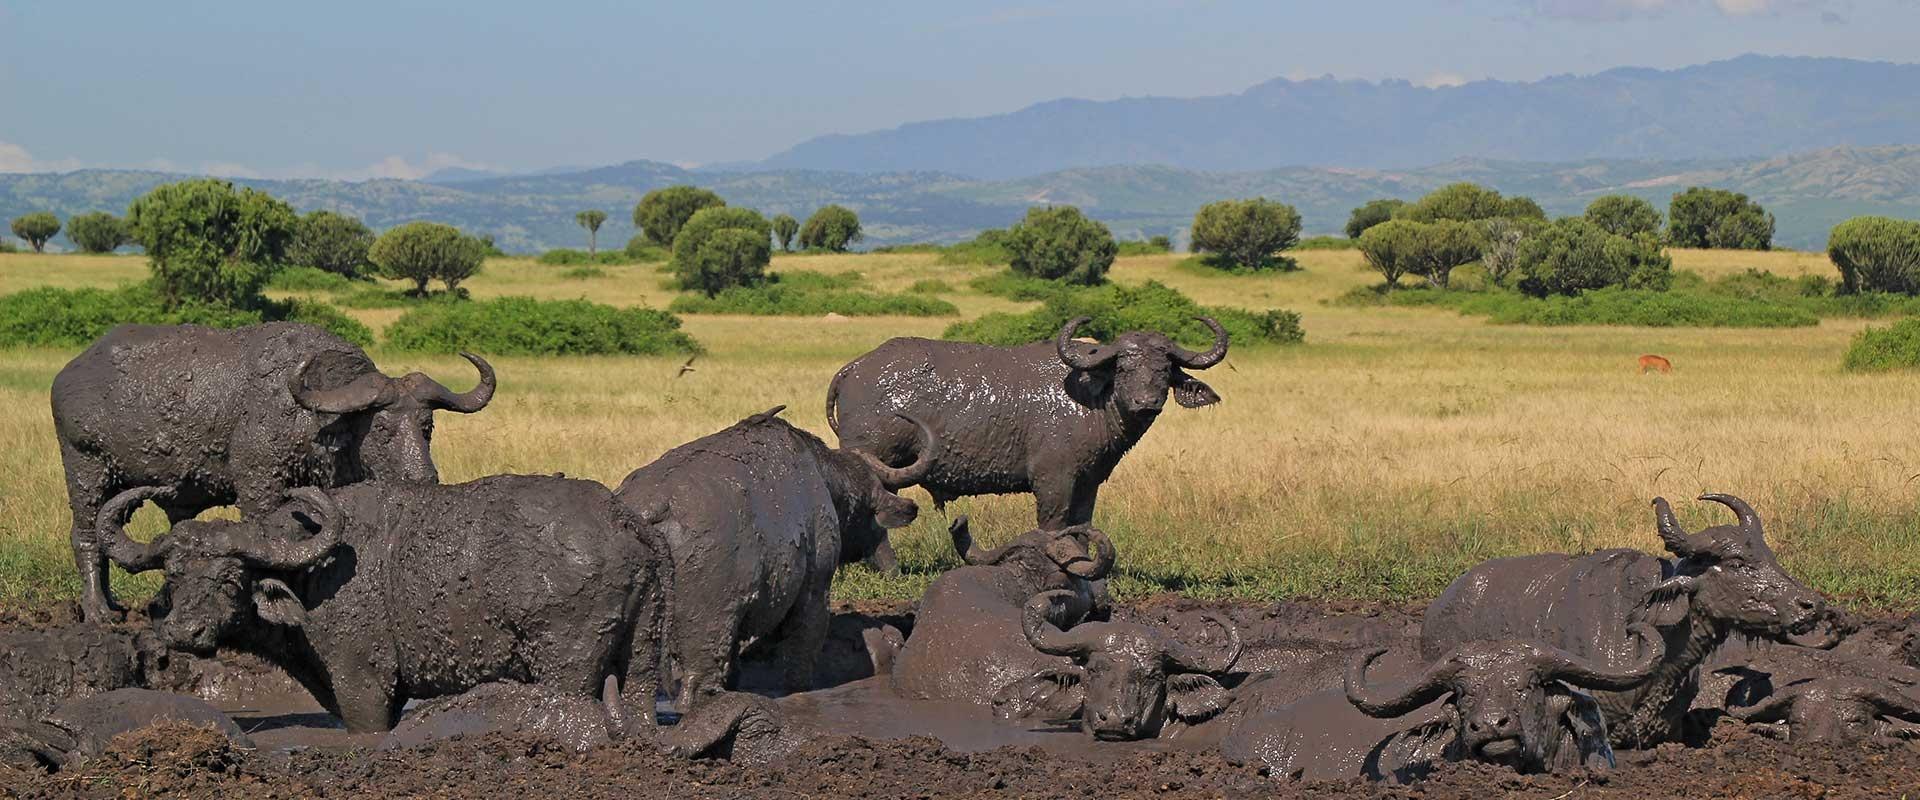 11 Days Uganda And Rwanda Private Safari Tour